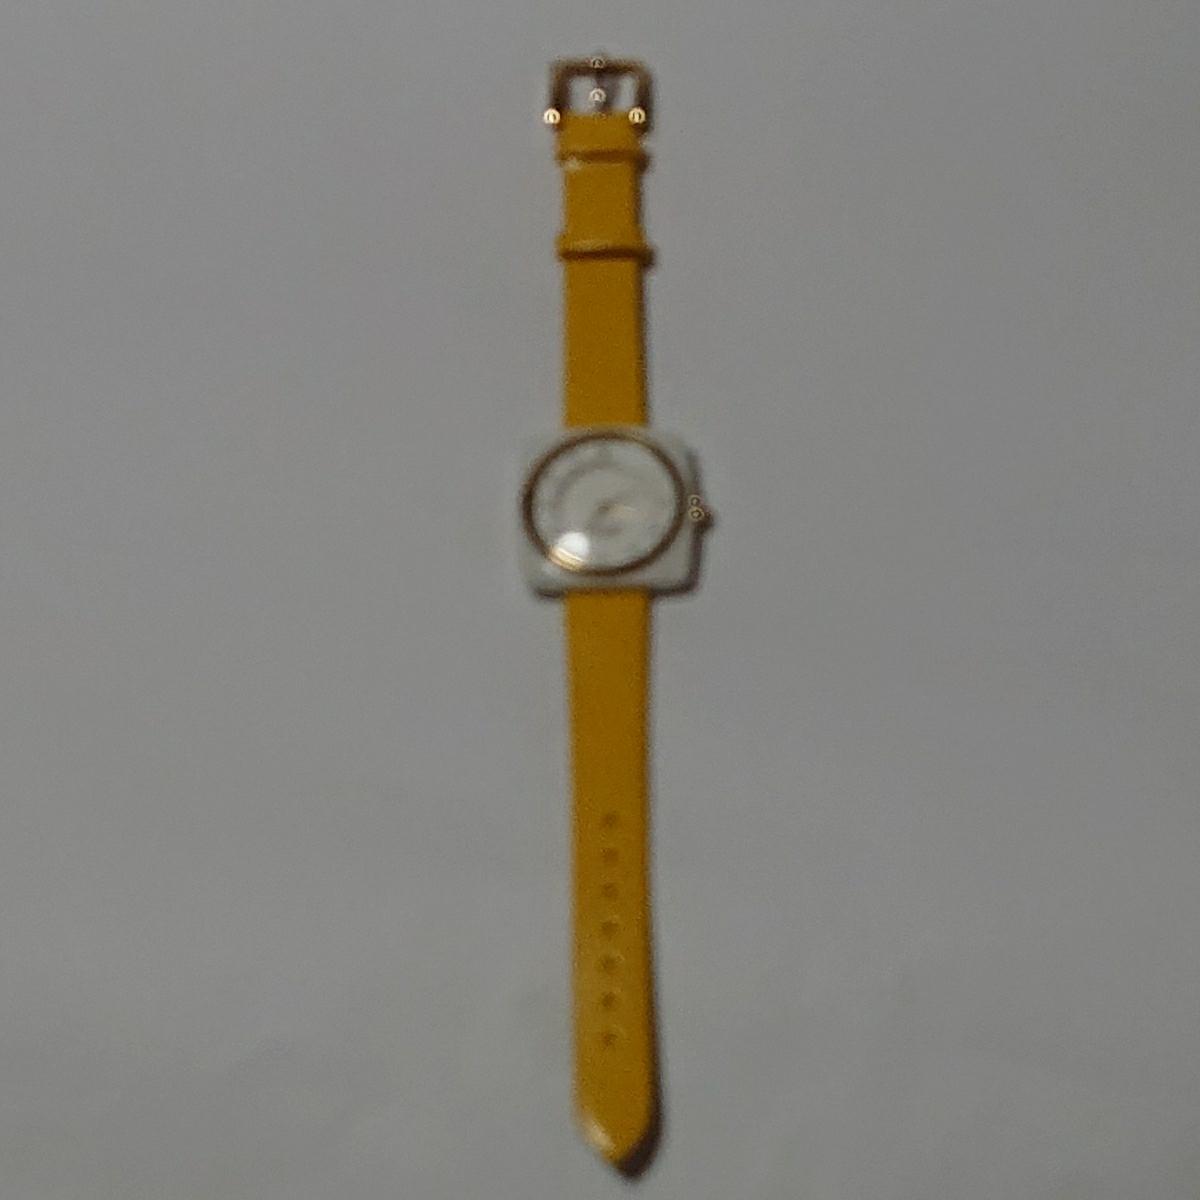 ケイトスペード レディース 腕時計 (検索)アナログ ホワイト×ゴールド×マスタードイエロー ファッション バッグ ポーチ レディース